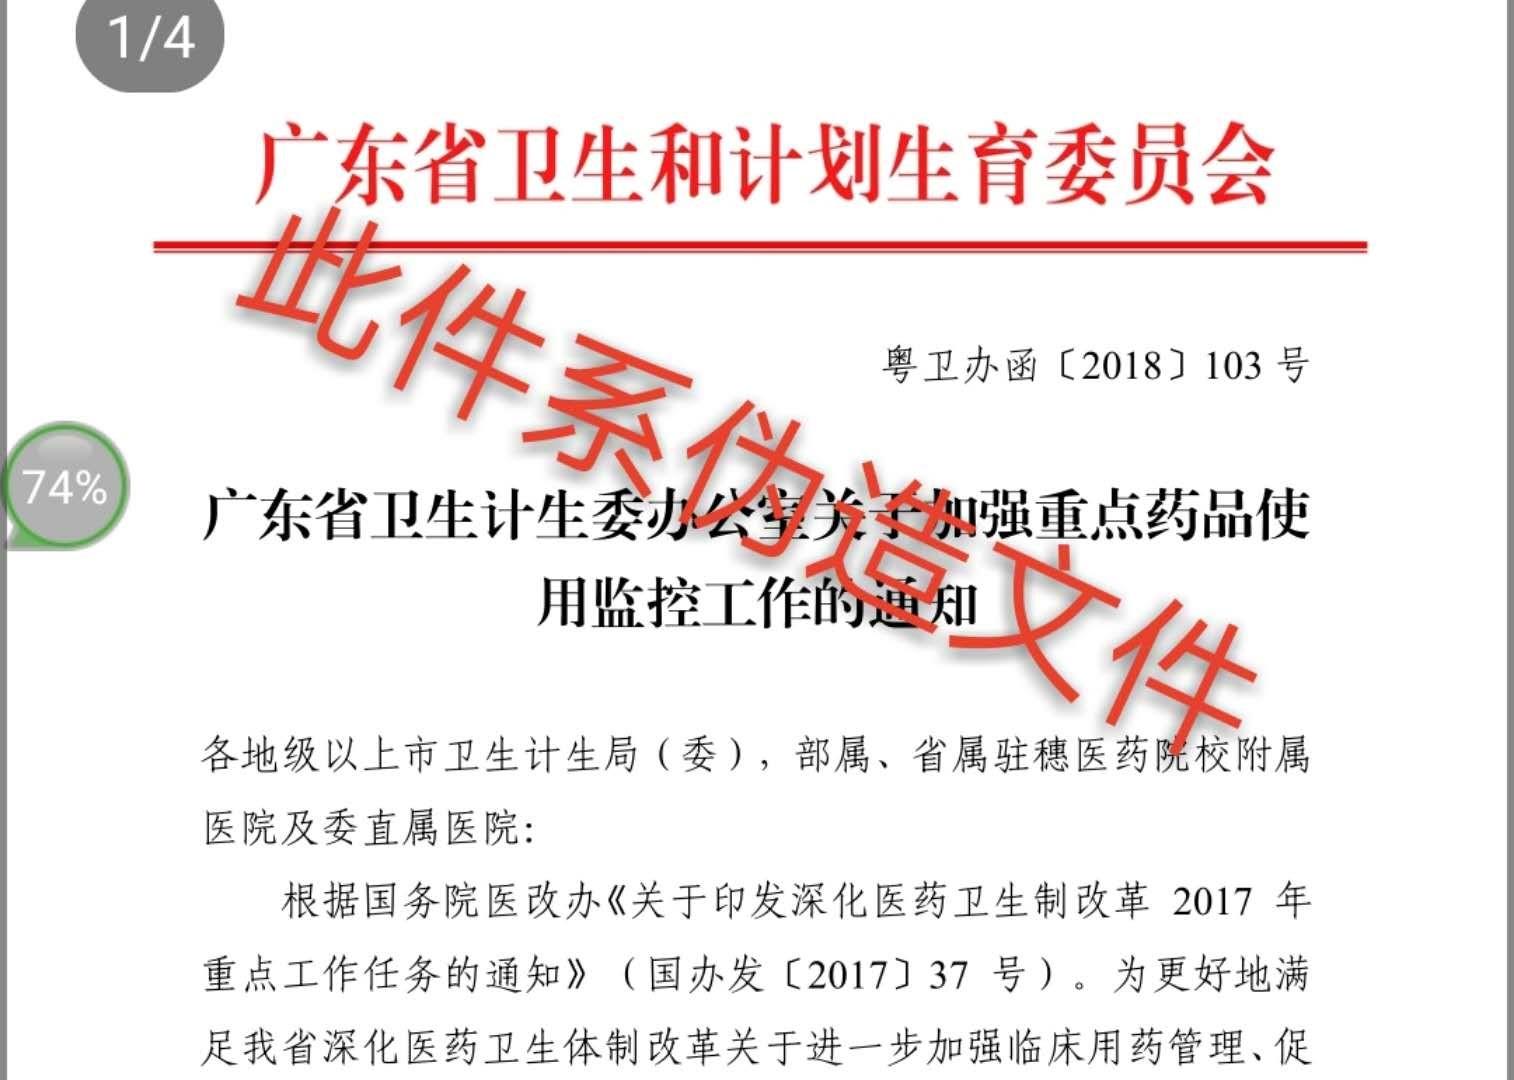 辟谣!广东卫计委声明未发布重点药品监控目录